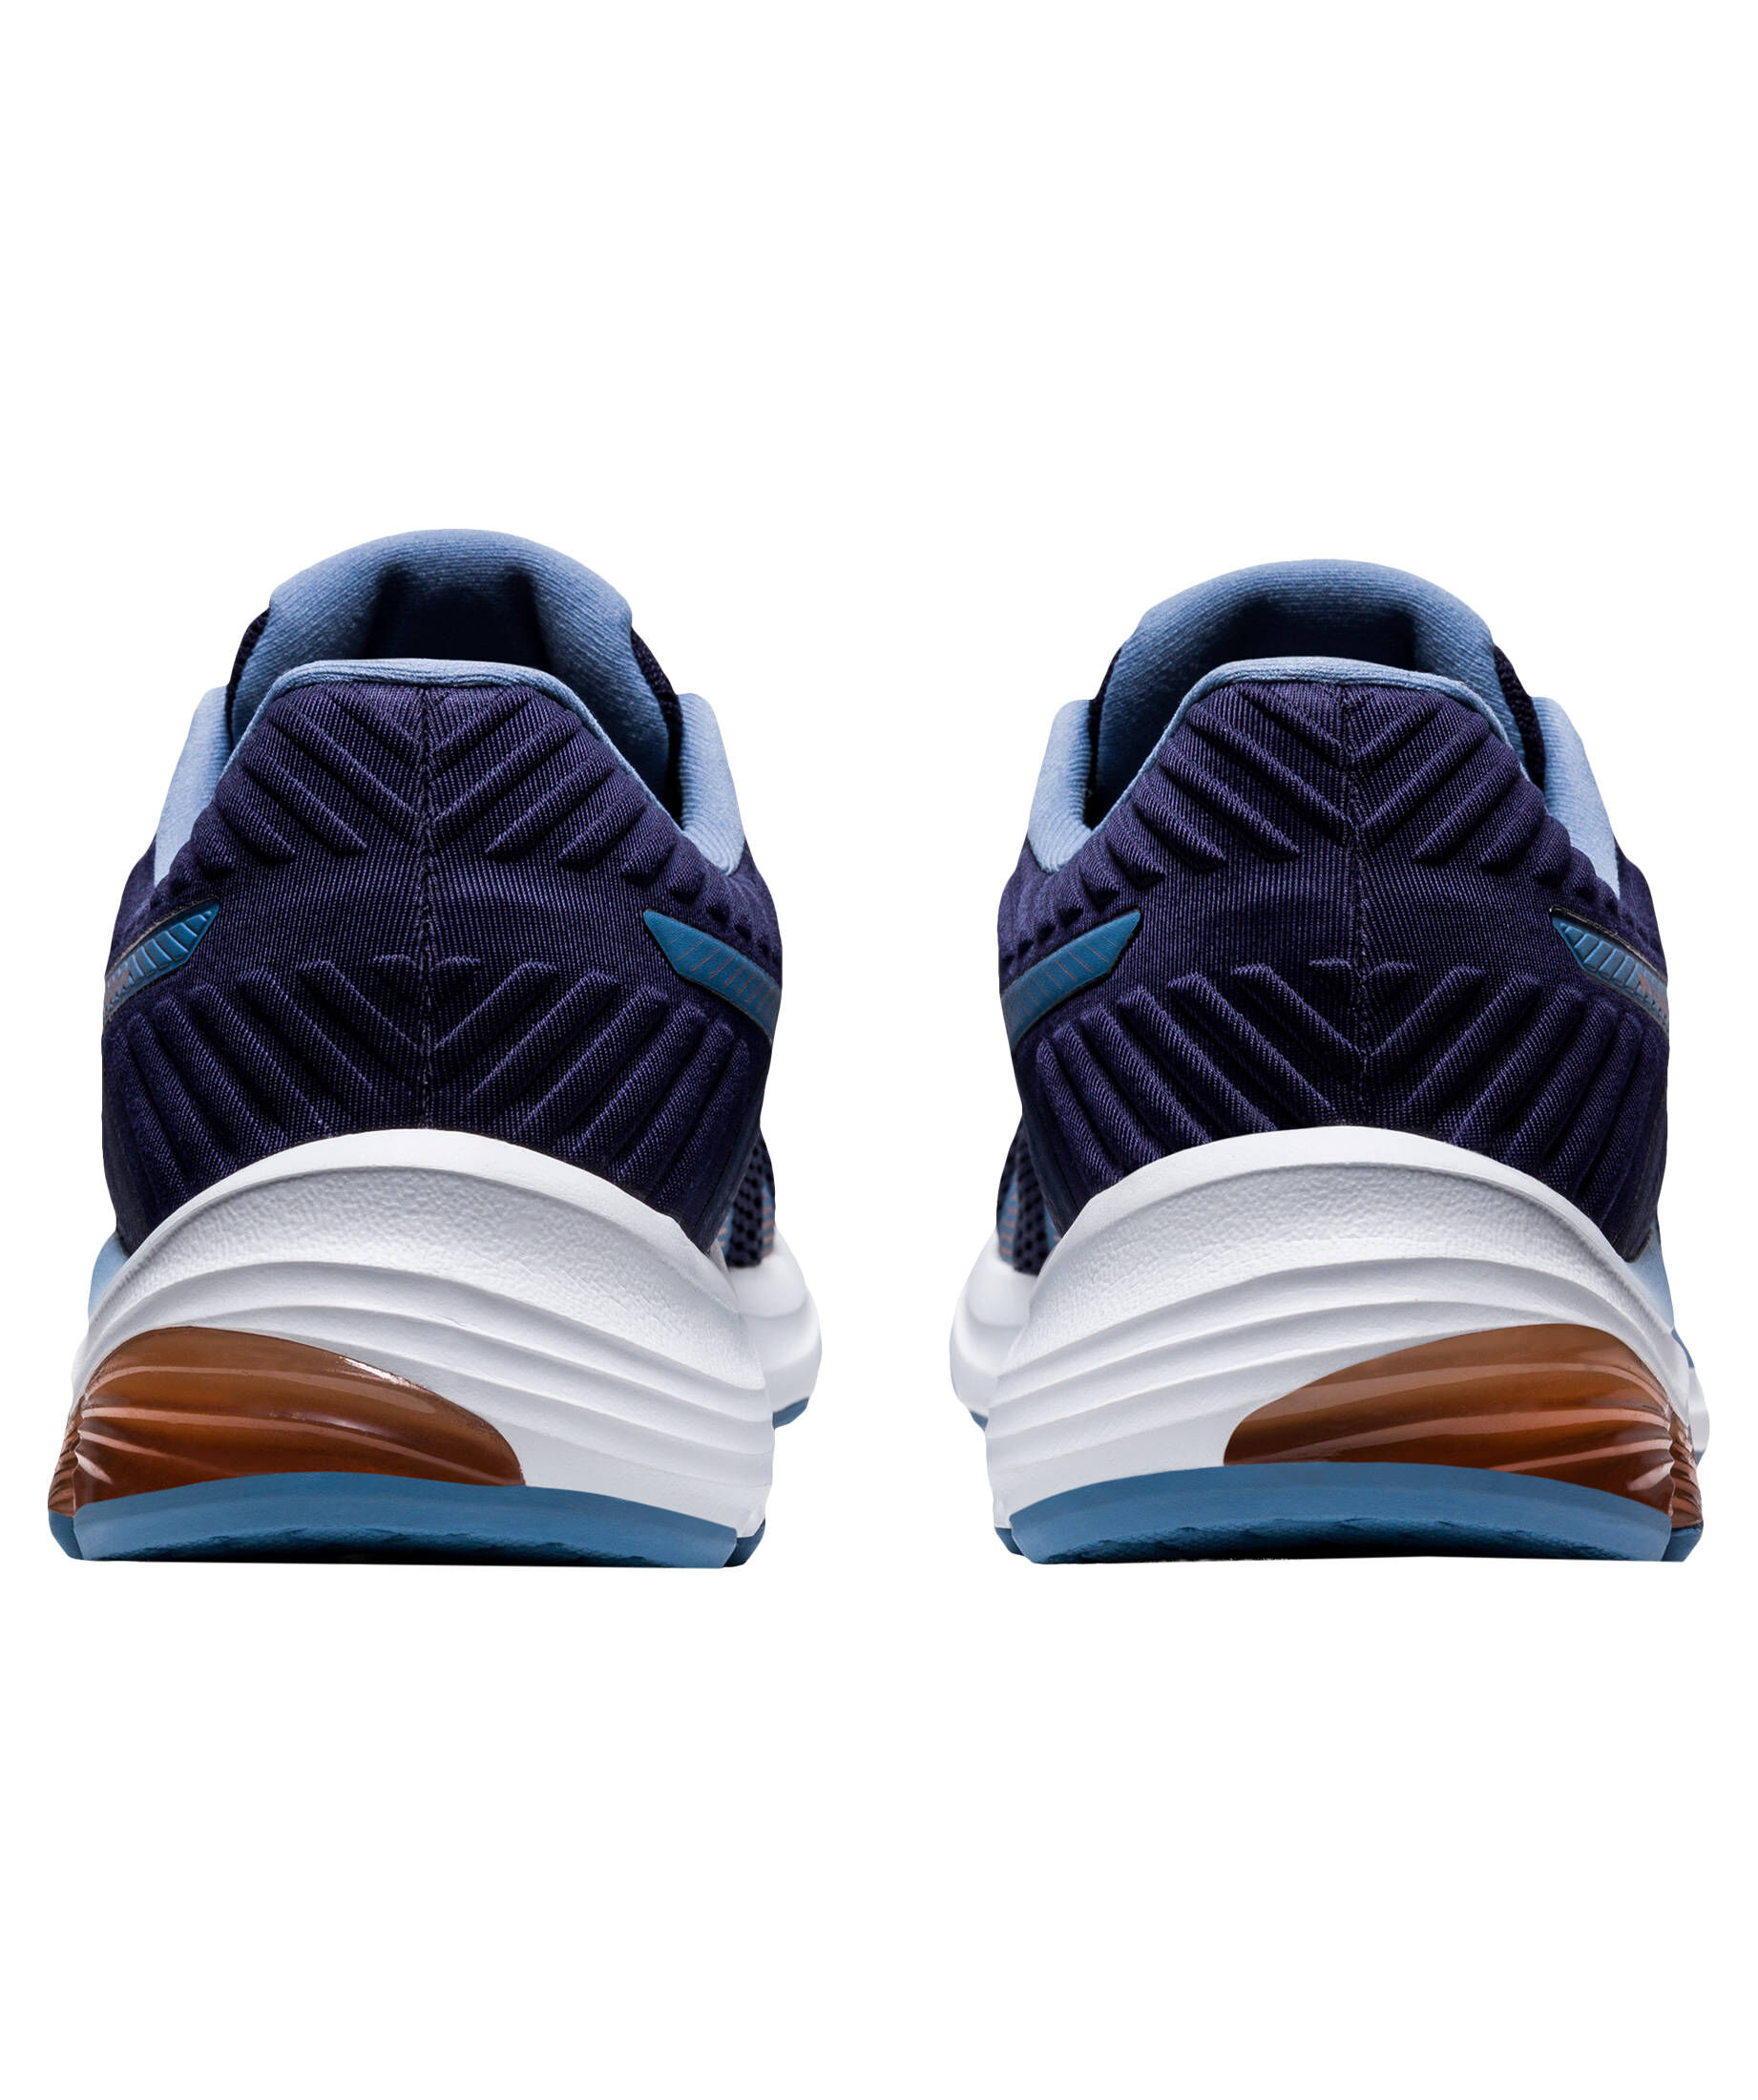 ASICS Damen Laufschuhe Gel Flux 6 W KAP: : Schuhe